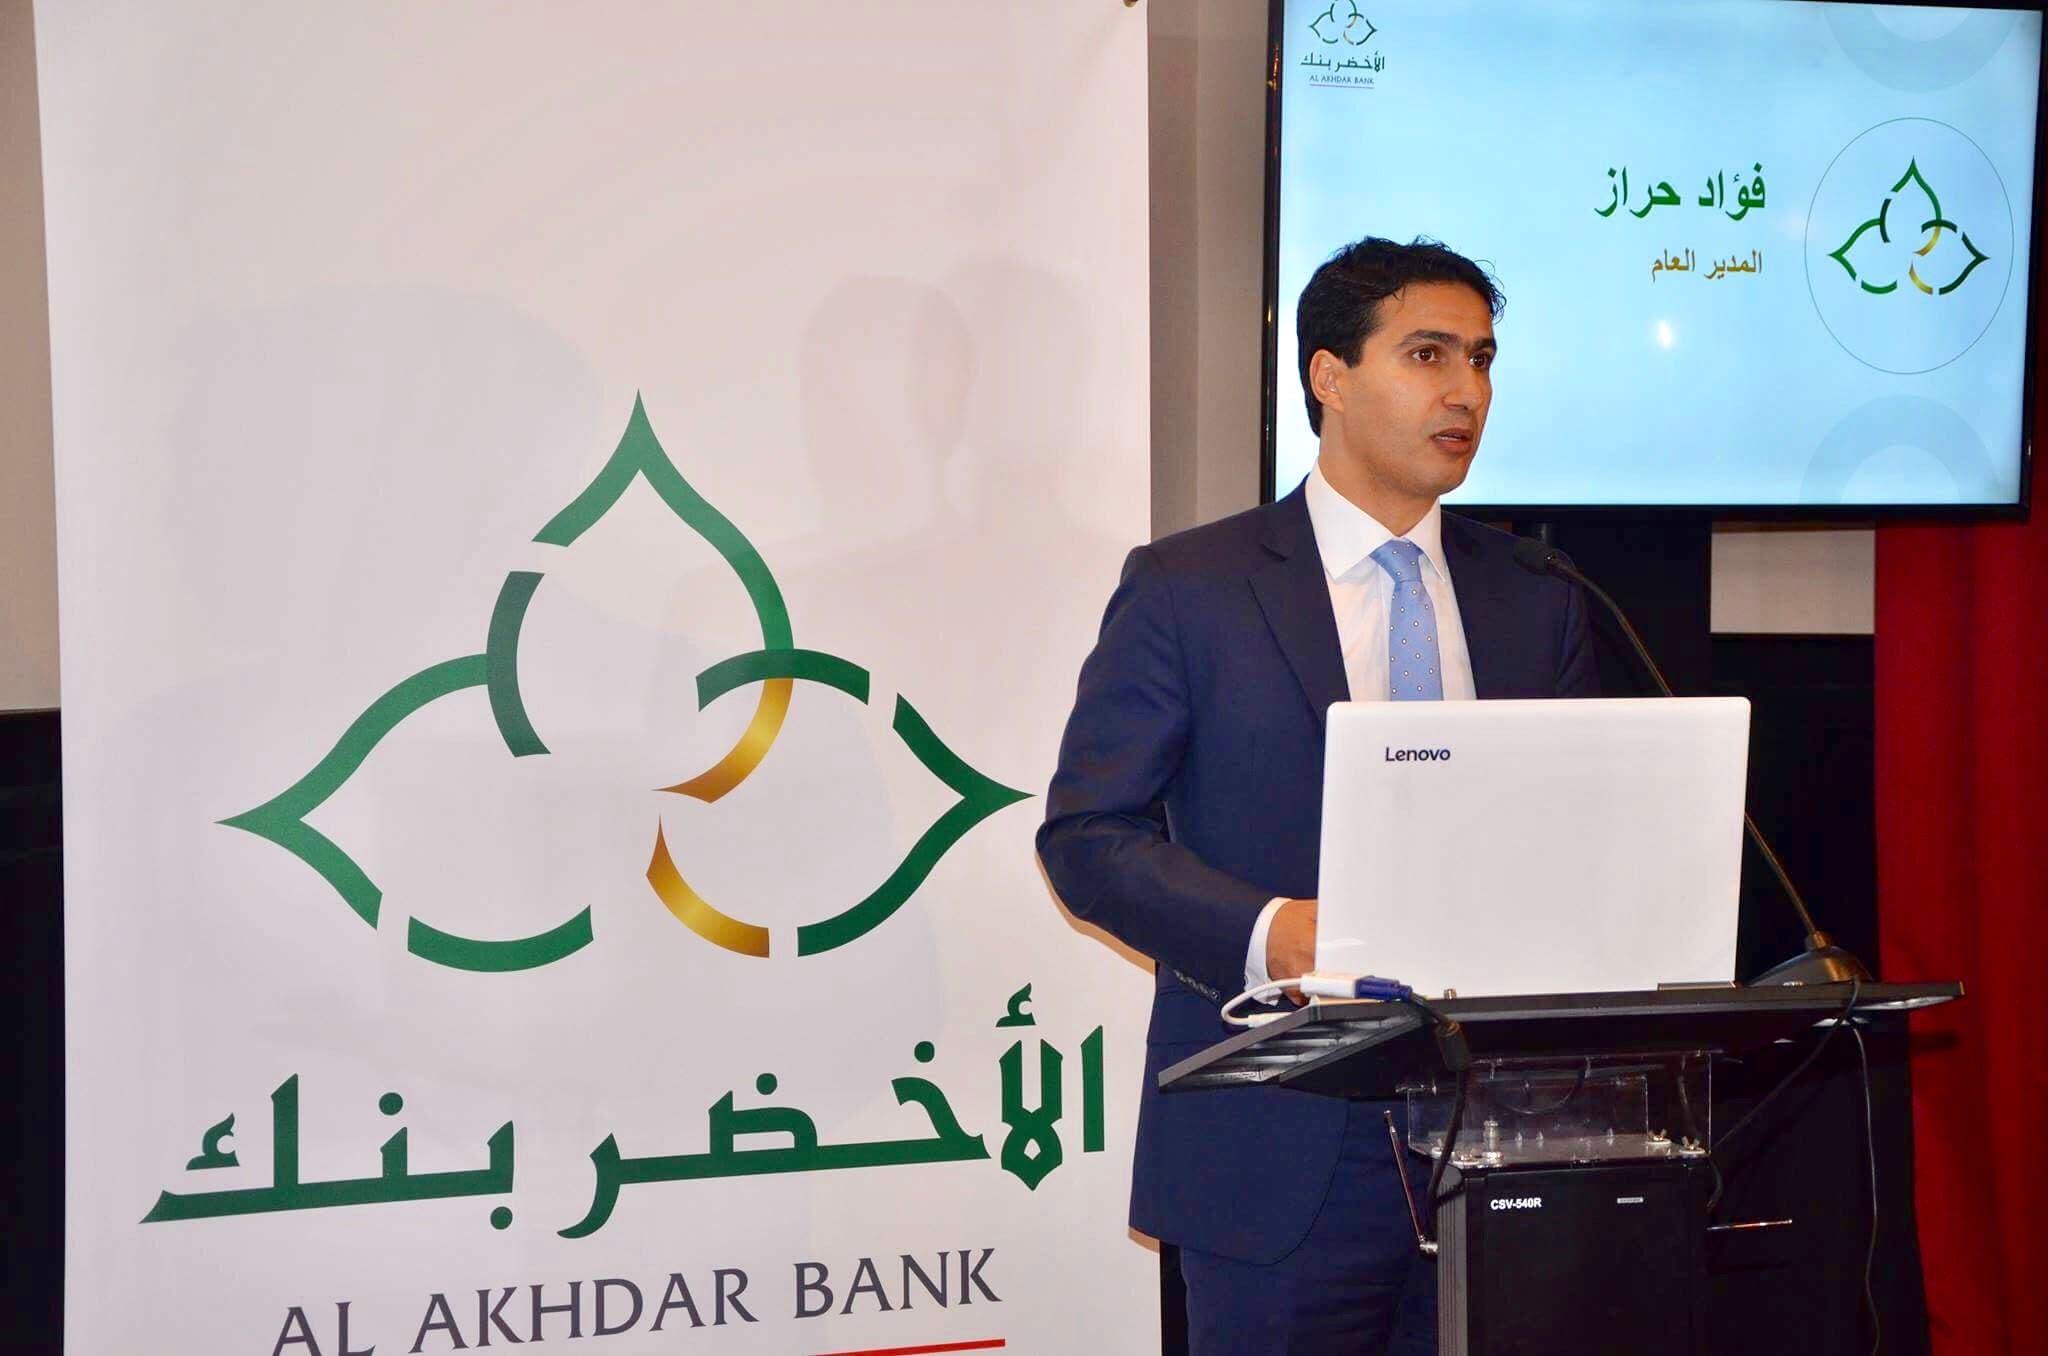 Photo of الأخضر بنك، وديع الإصدار السيادي الأول للصكوك